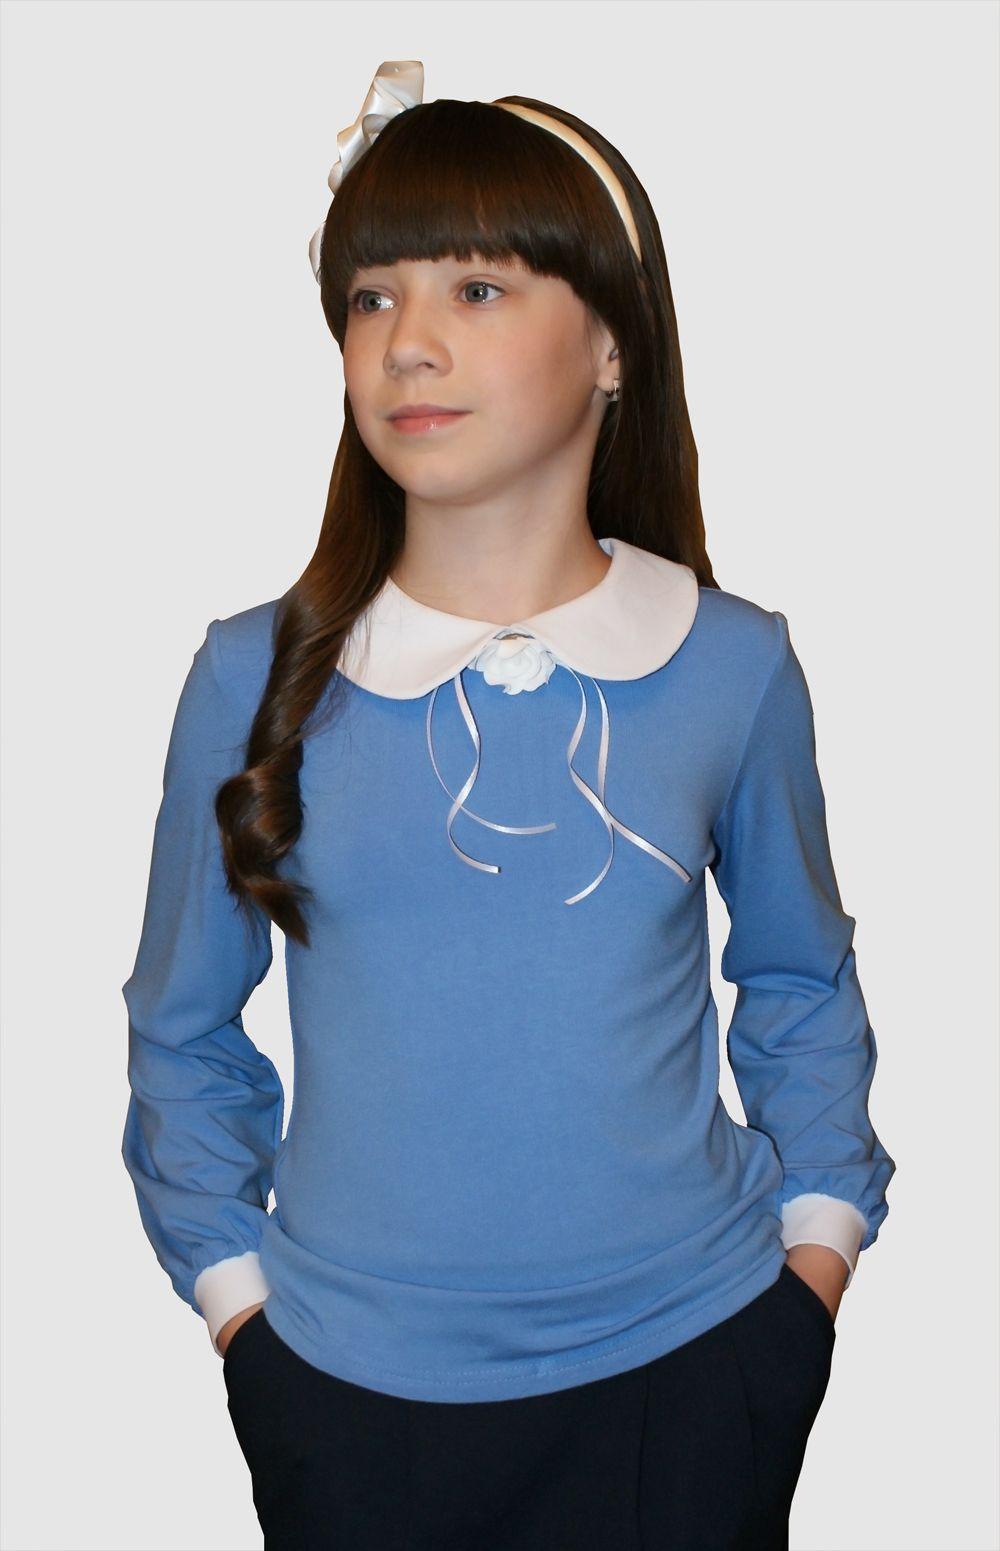 Сбор заказов. Одежда для детей М@ттiель-18 по сниженным ценам! Новые модели нарядных блузок для школы. Брюки, юбки и платья на рост от 122 до 158. Скидки до -40% на коллекции лето и осень! Без рядов.